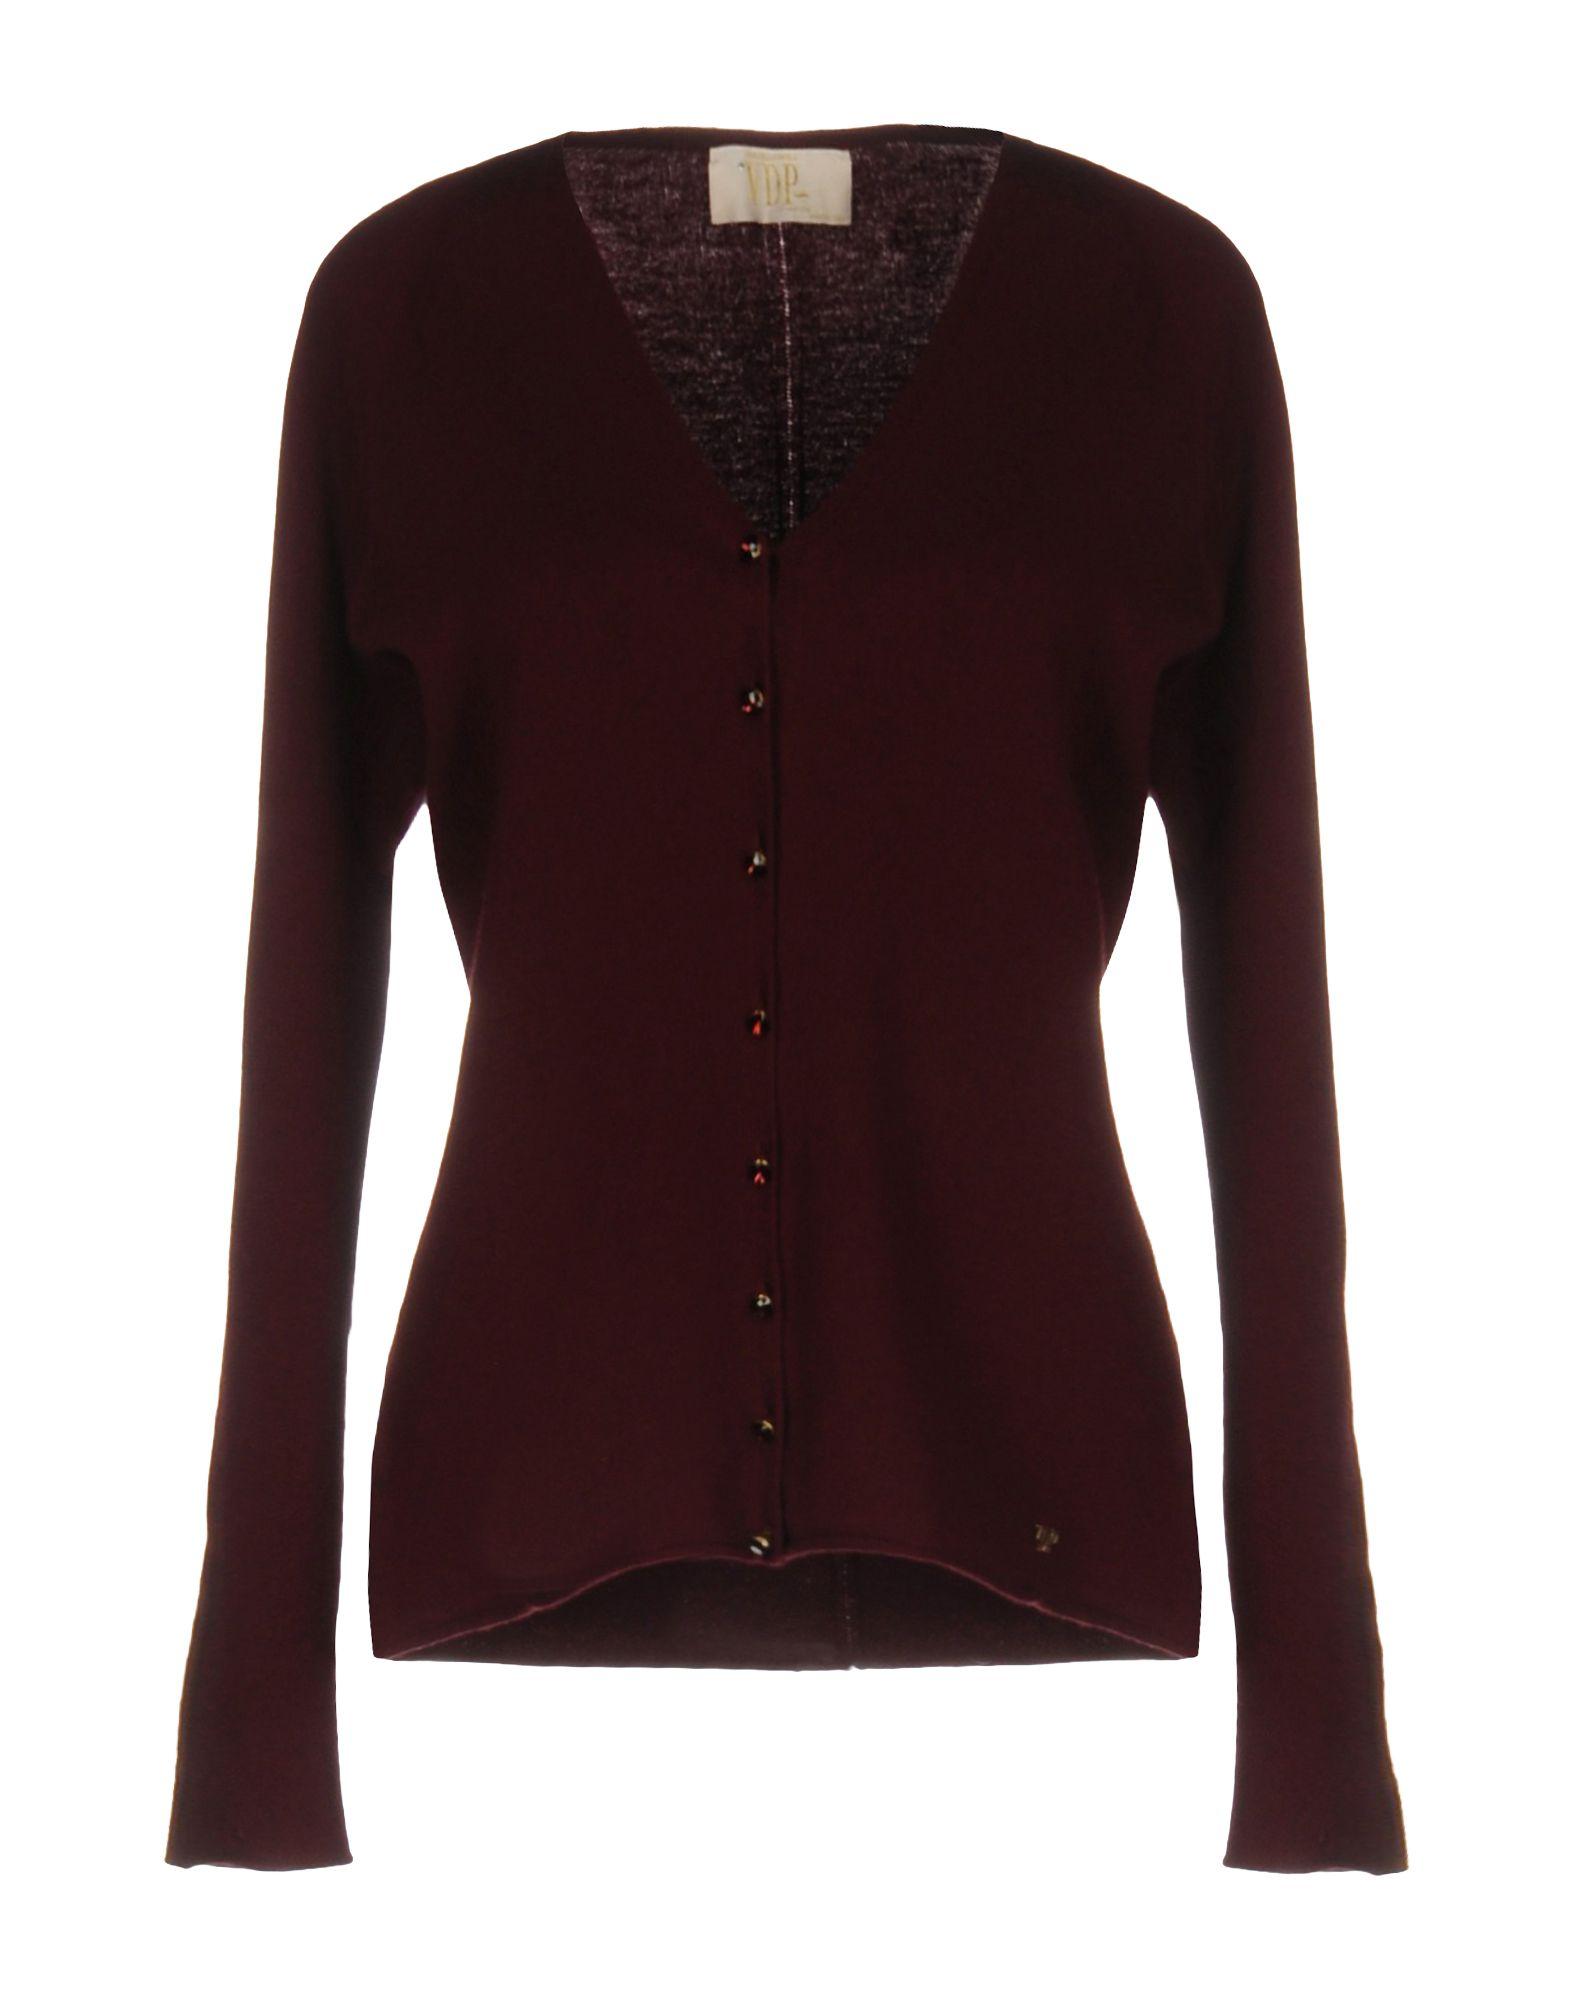 VDP COLLECTION Damen Strickjacke Farbe Bordeaux Größe 3 jetztbilligerkaufen